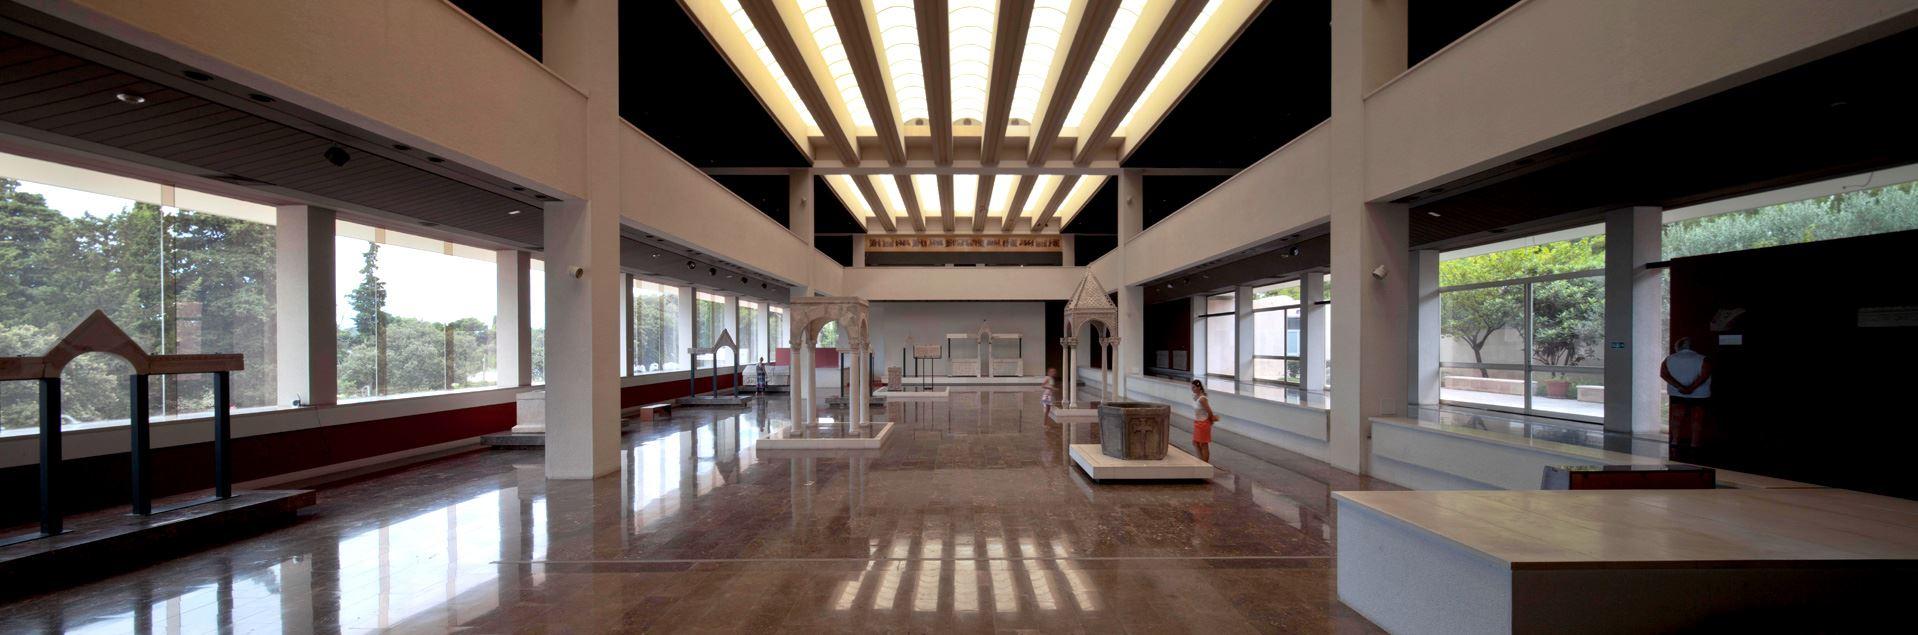 Četvrti Međunarodni festival arheološkog filma započinje danas (četvrtak 3. studenoga) u 18 sati u splitskom Muzeju hrvatskih arheoloških spomenika.